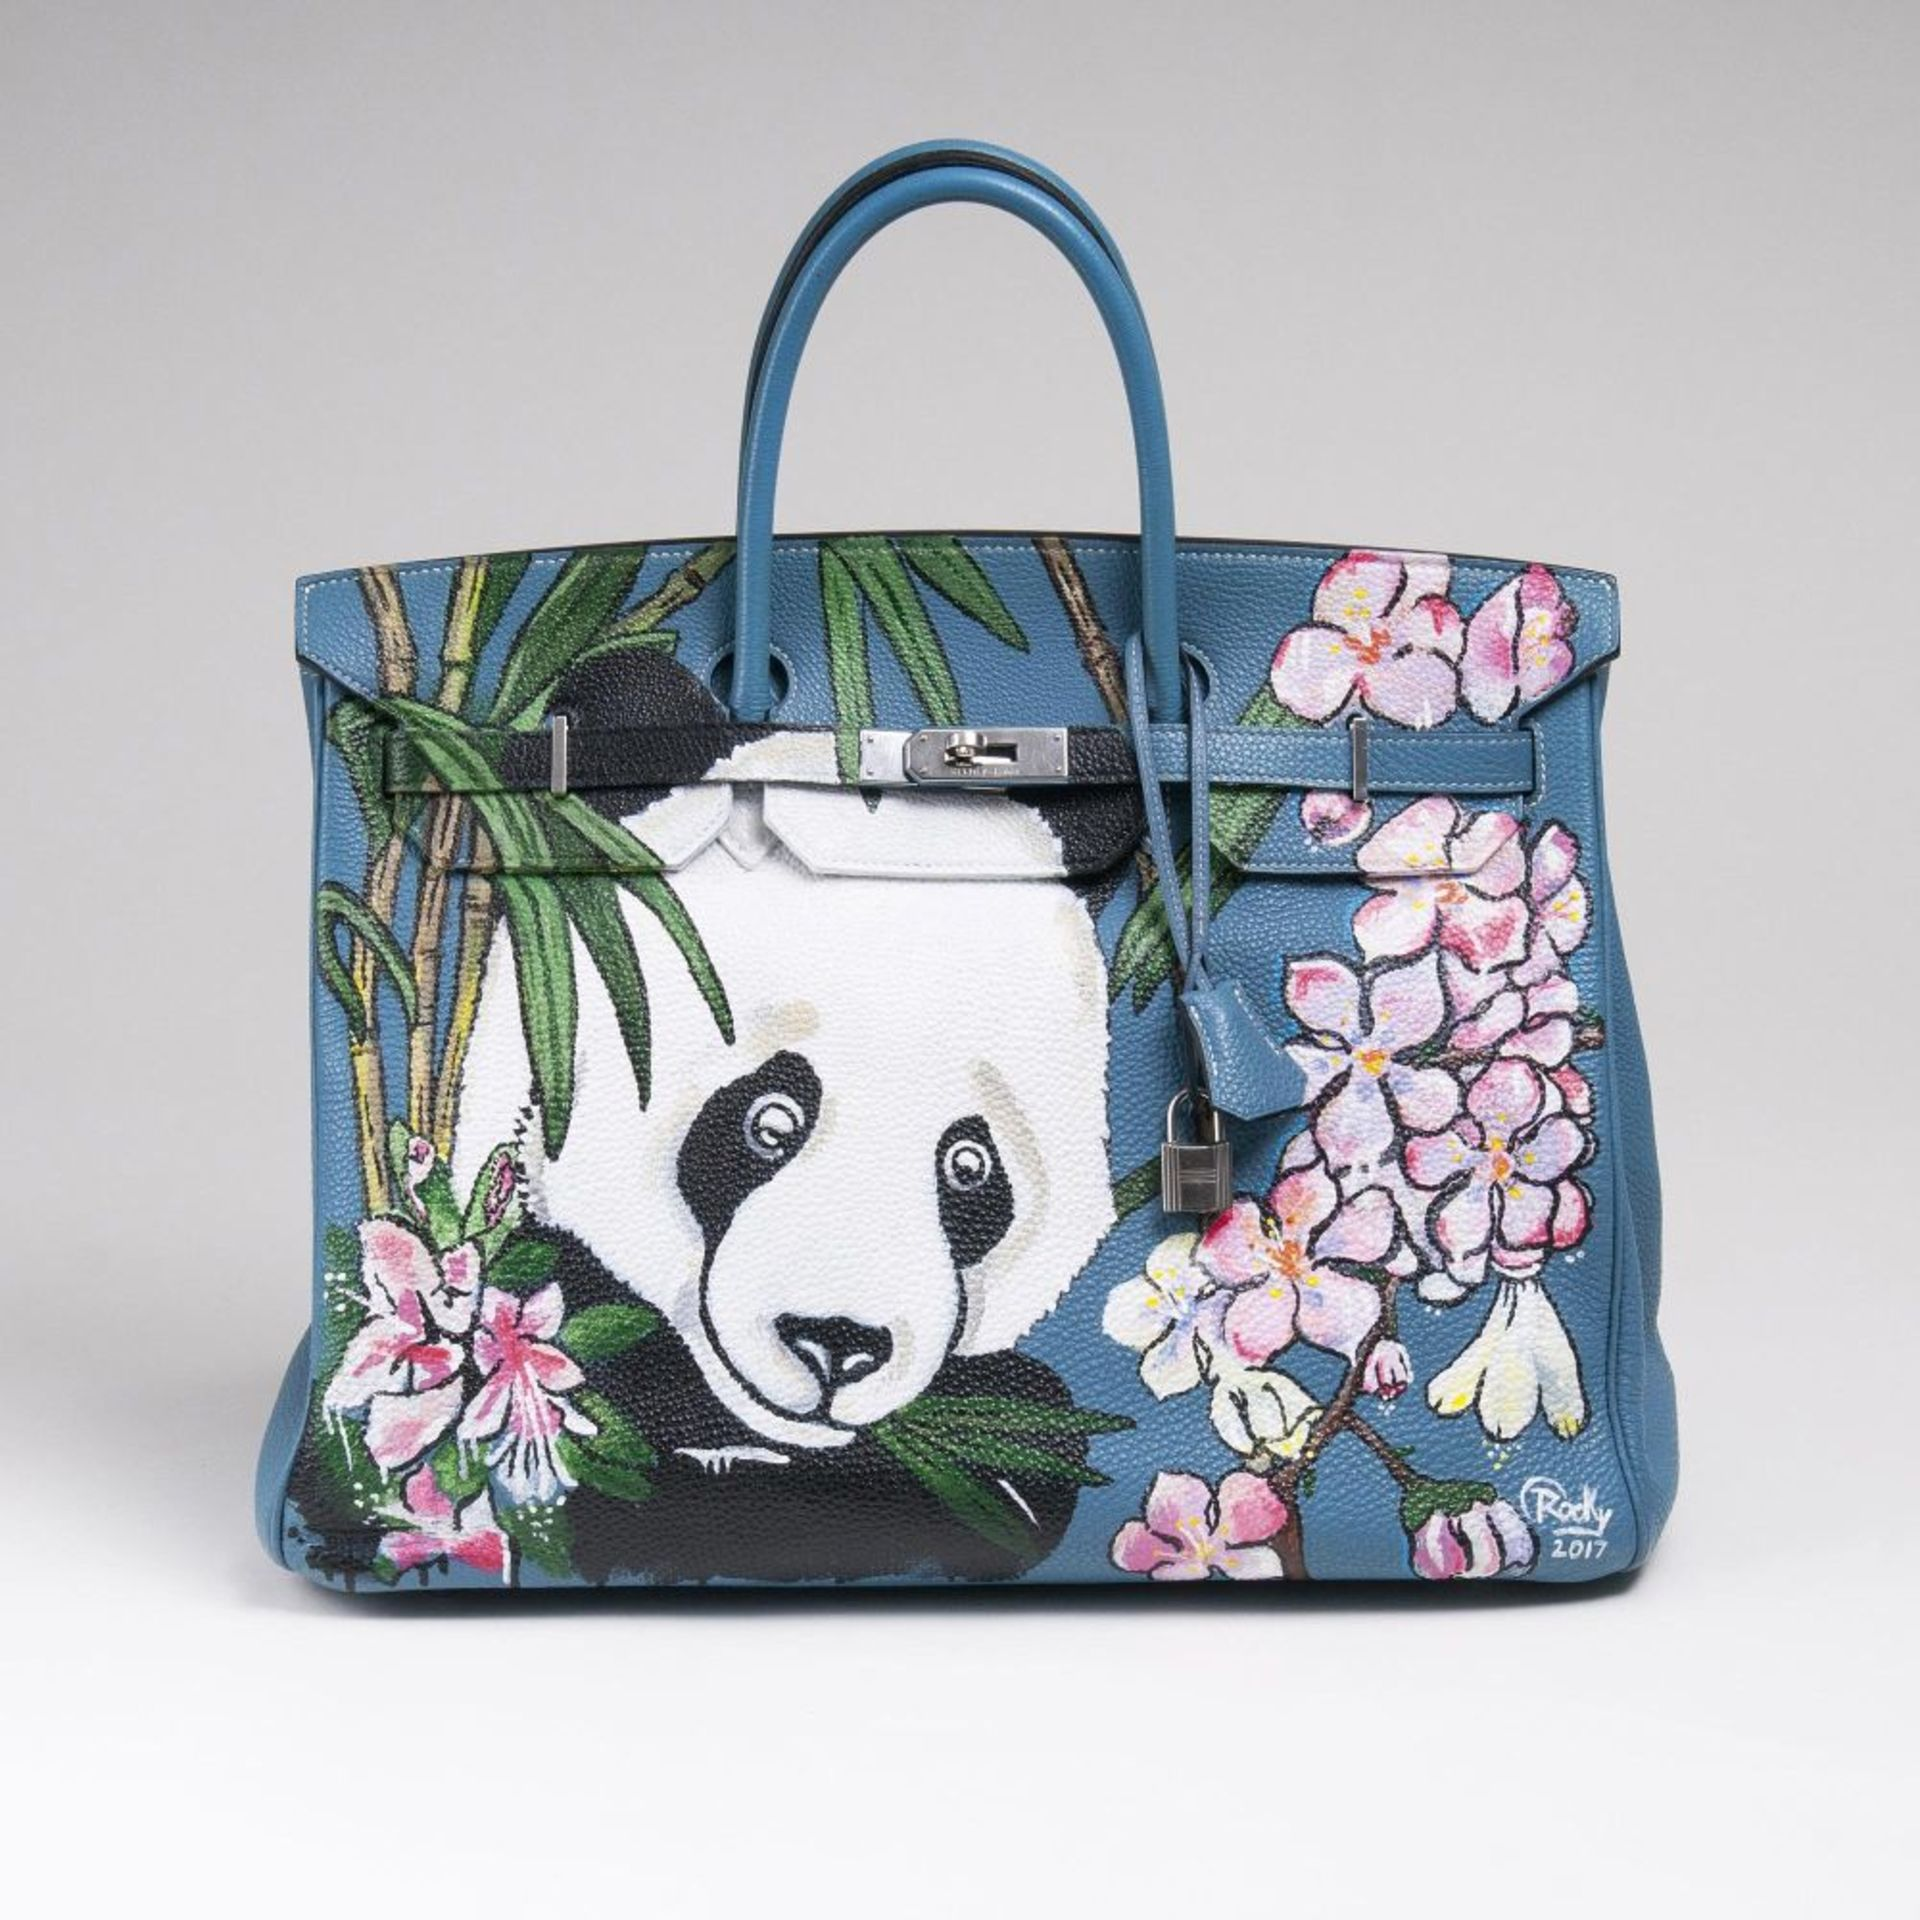 Hermès. Birkin Bag 40 mit Handbemalung von Rocky Mazzilli.